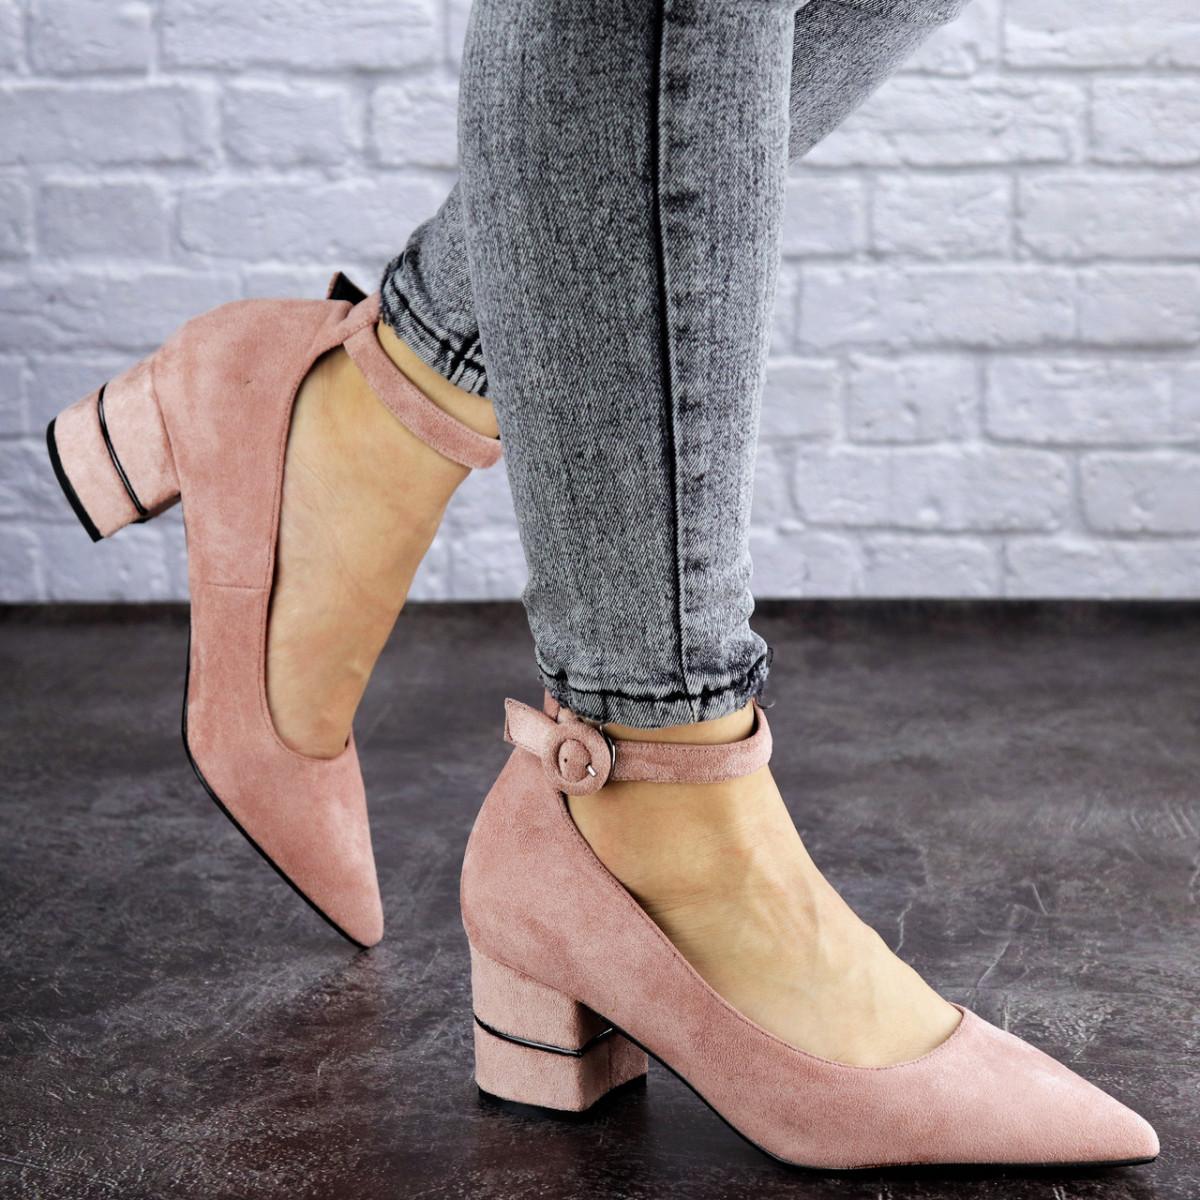 Женские туфли на каблуке розовые Tease 2027 (36 размер)